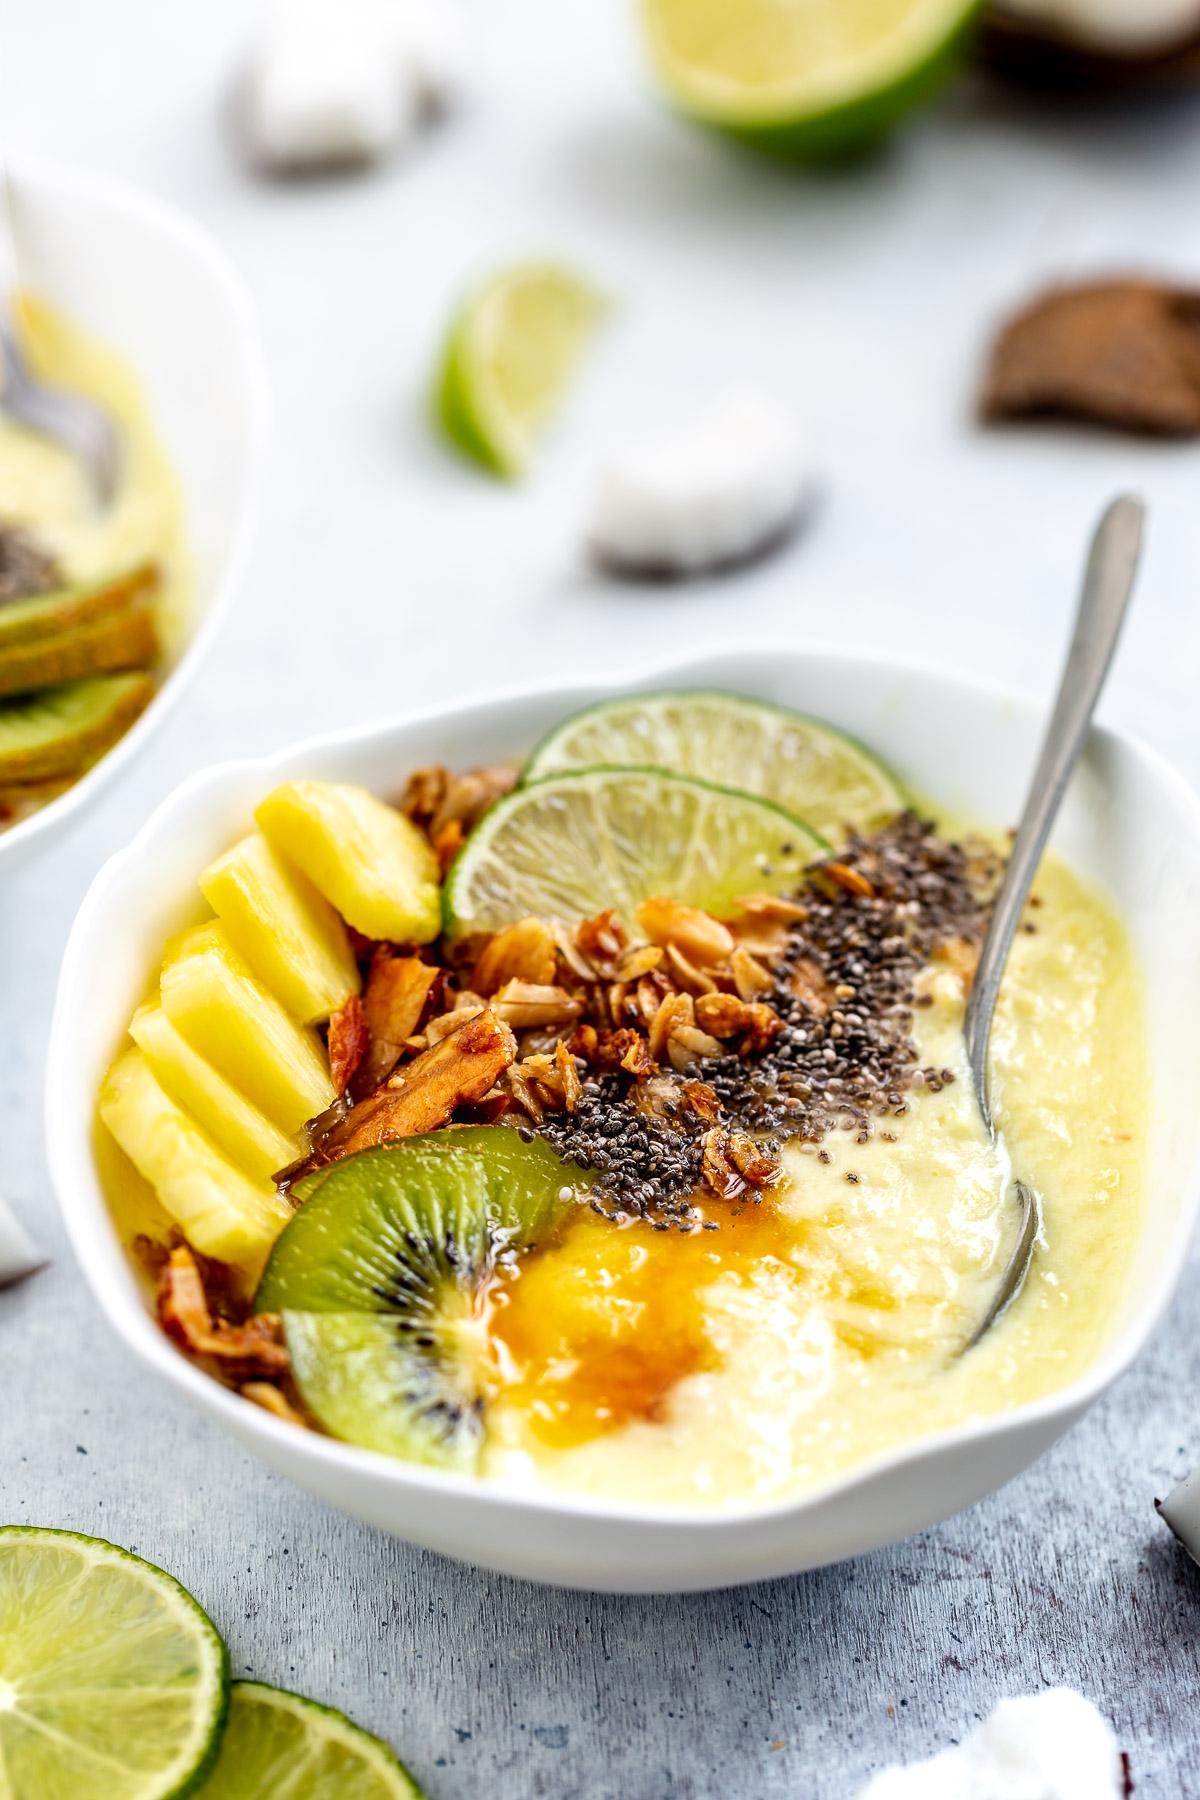 #vegan #paleo creamy COCONUT PINEAPPLE SMOOTHIE BOWL recipe PINA COLADA smoothie bowl | ricetta SMOOTHIE BOWL COCCO e ANANAS vegan sano cremoso | www.beautyfoodblog.com